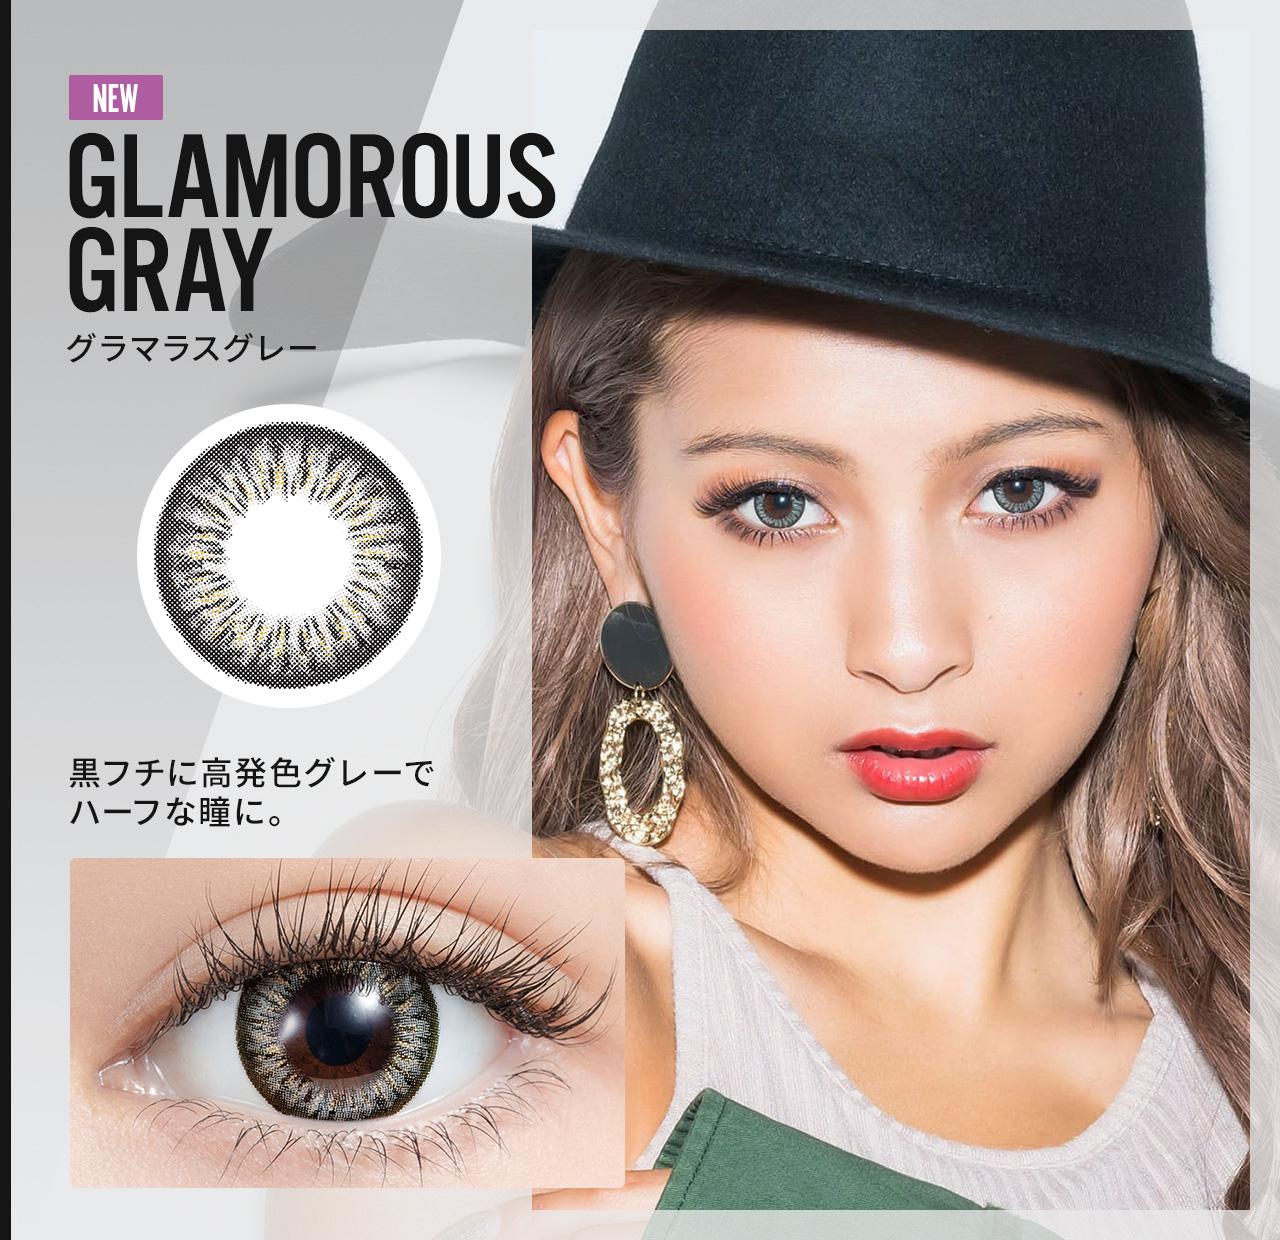 GLAMOUROUS GRAY グラマラスグレー